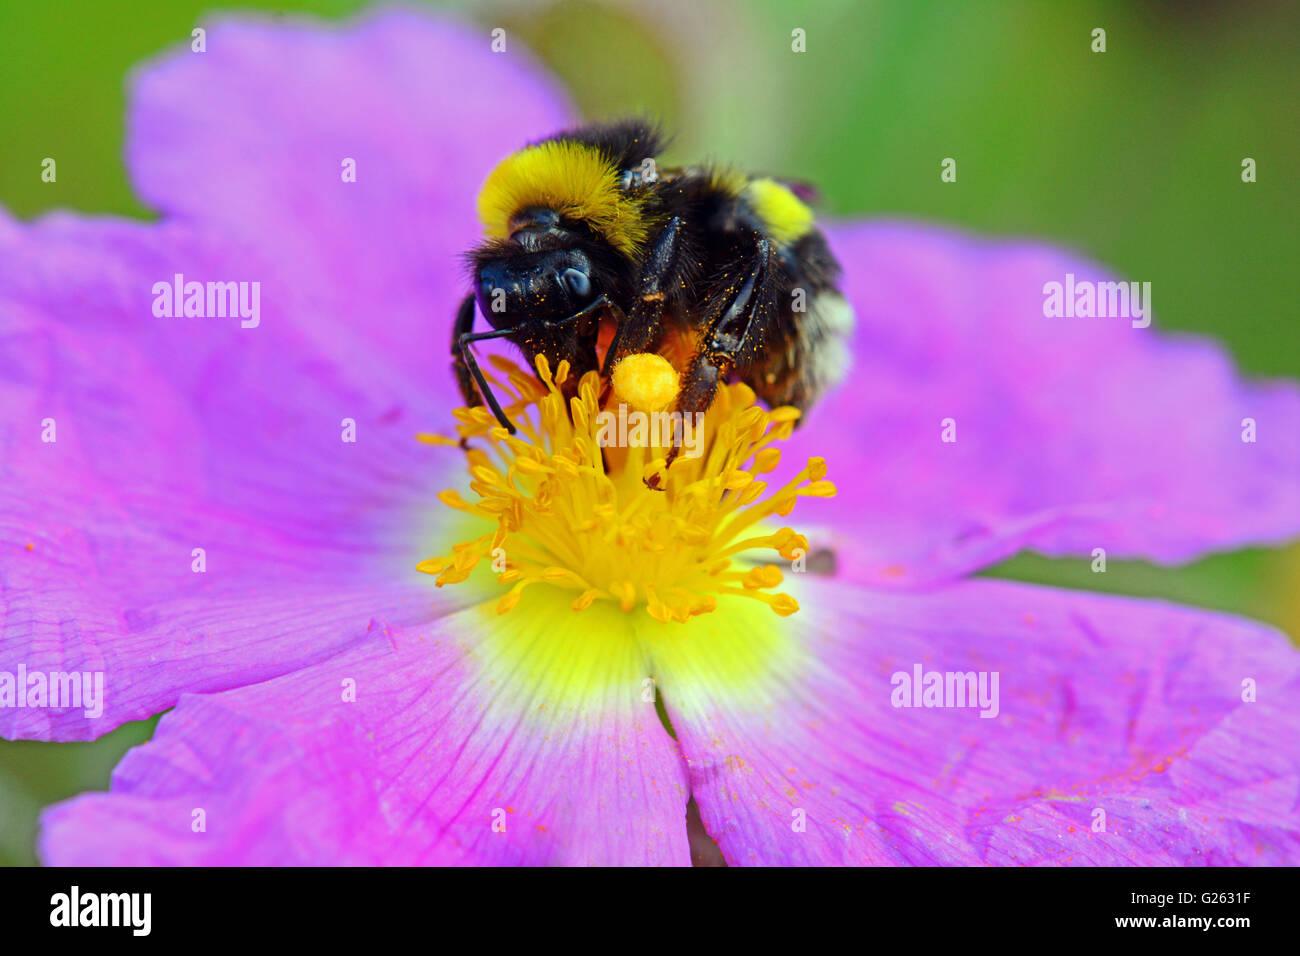 Bumble Bee bestäuben Blumen aus nächster Nähe Stockbild